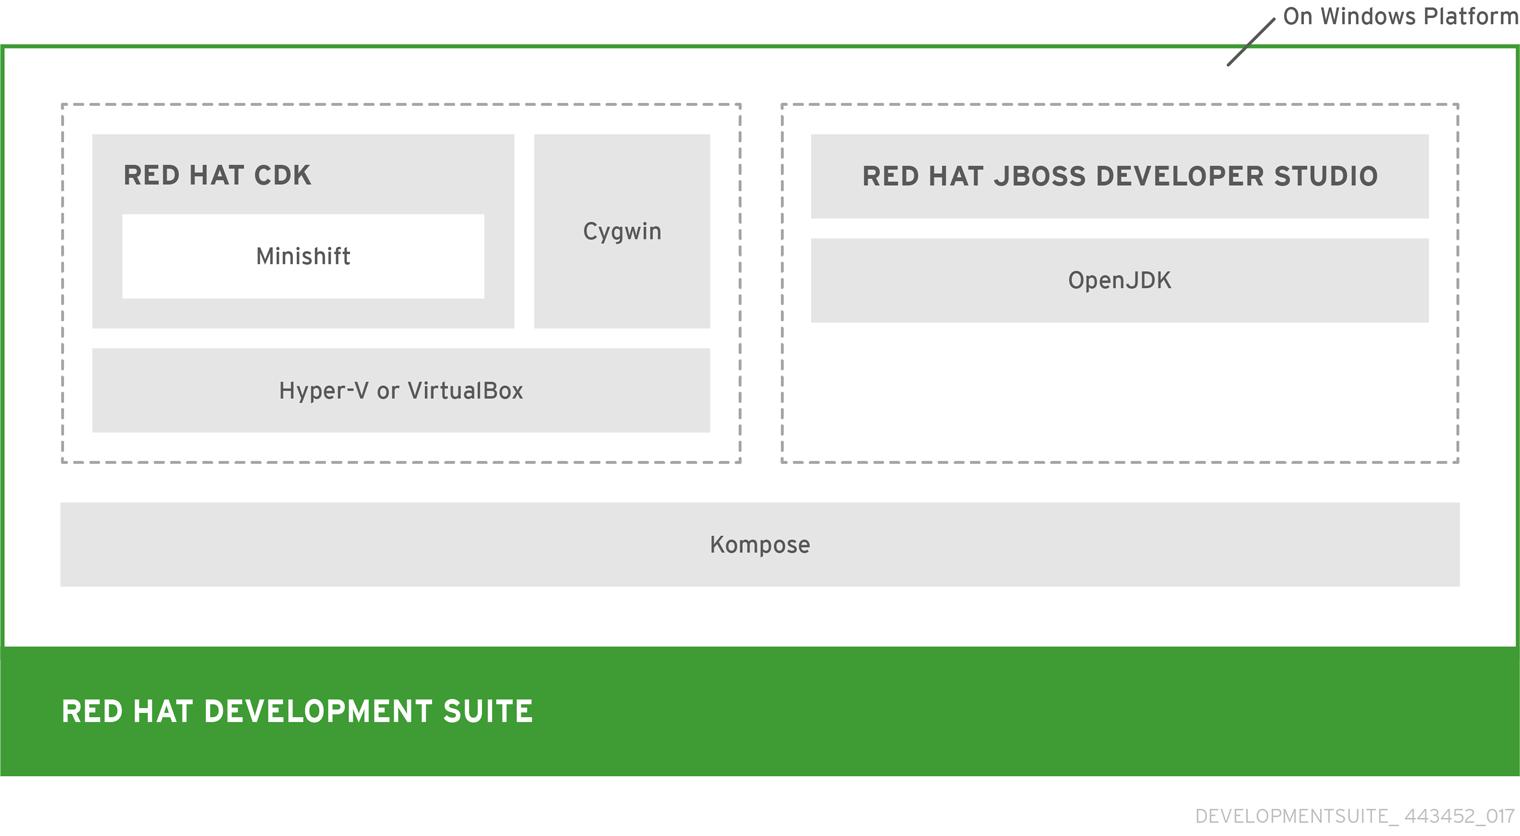 RedHat DevelopmentSuite